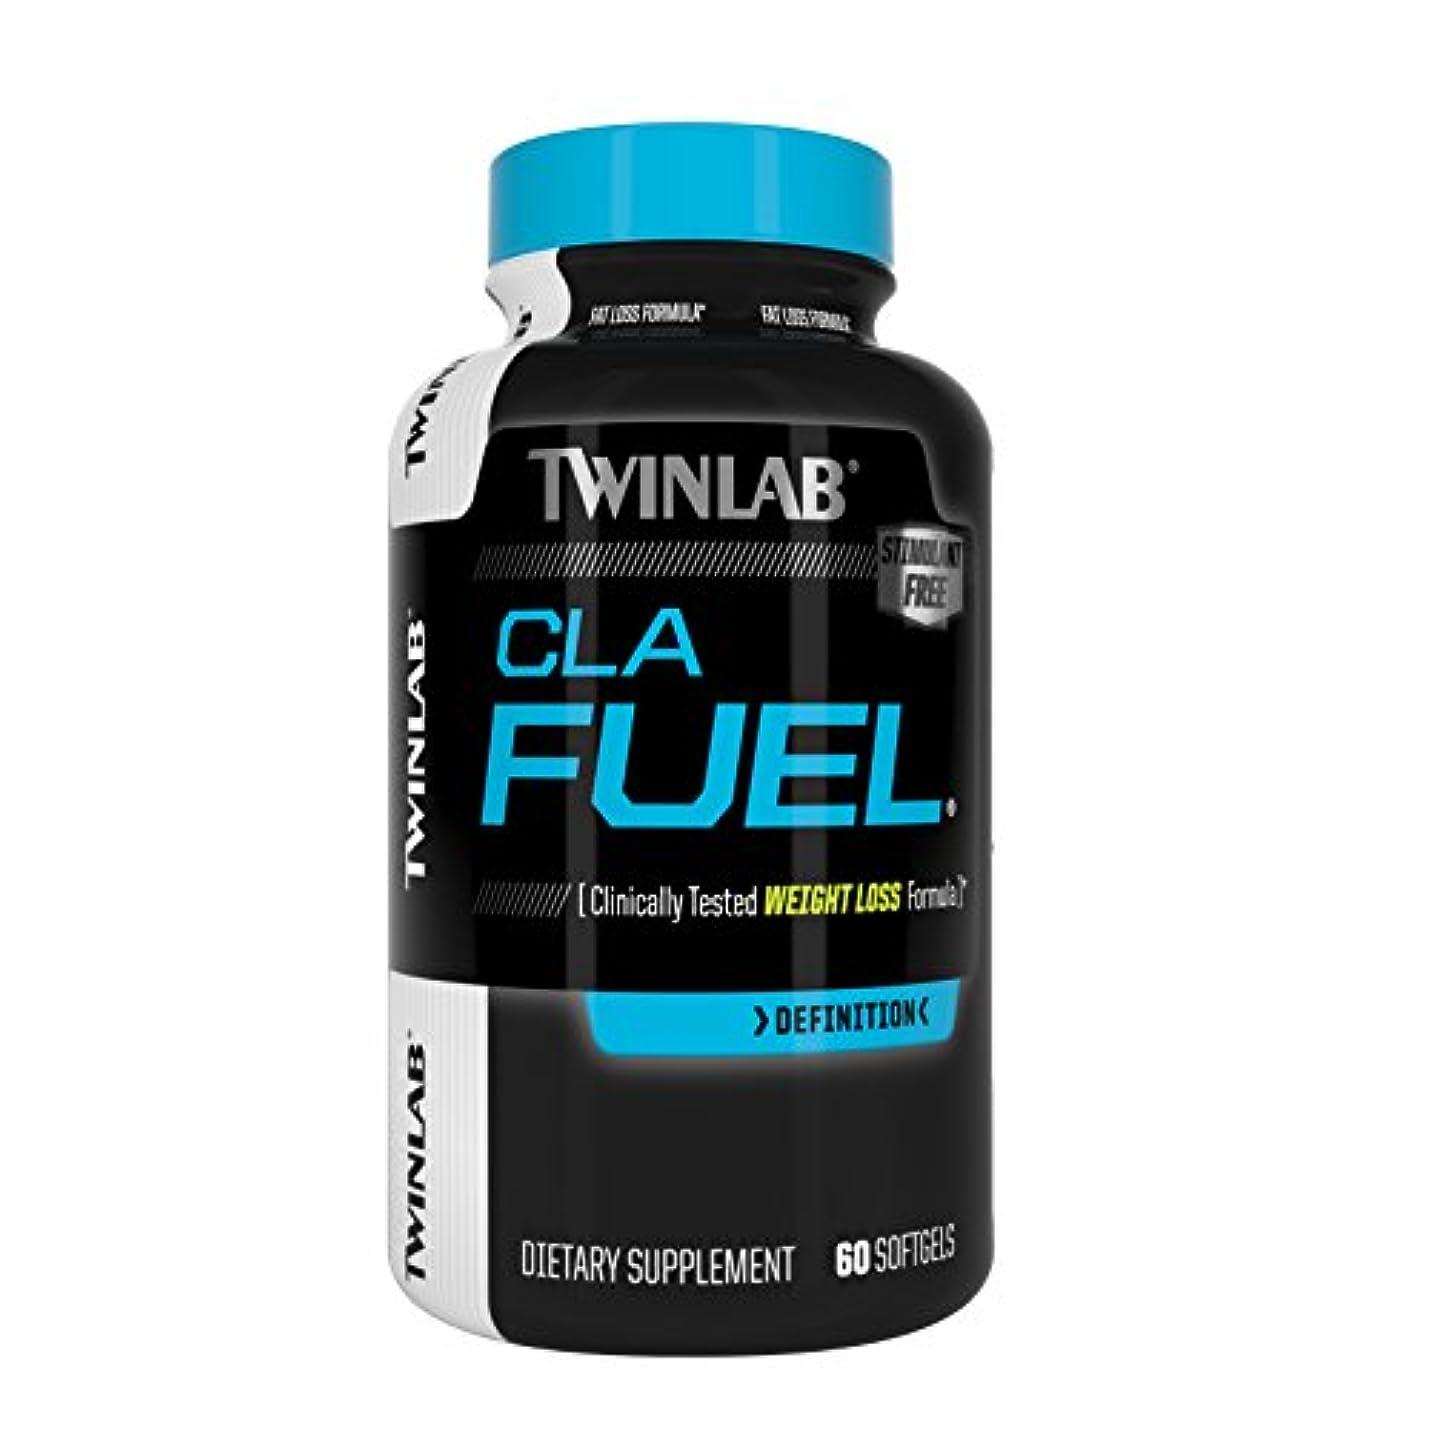 海外直送品Stimulant Free CLA Fuel, 60 Sgels by Twinlab